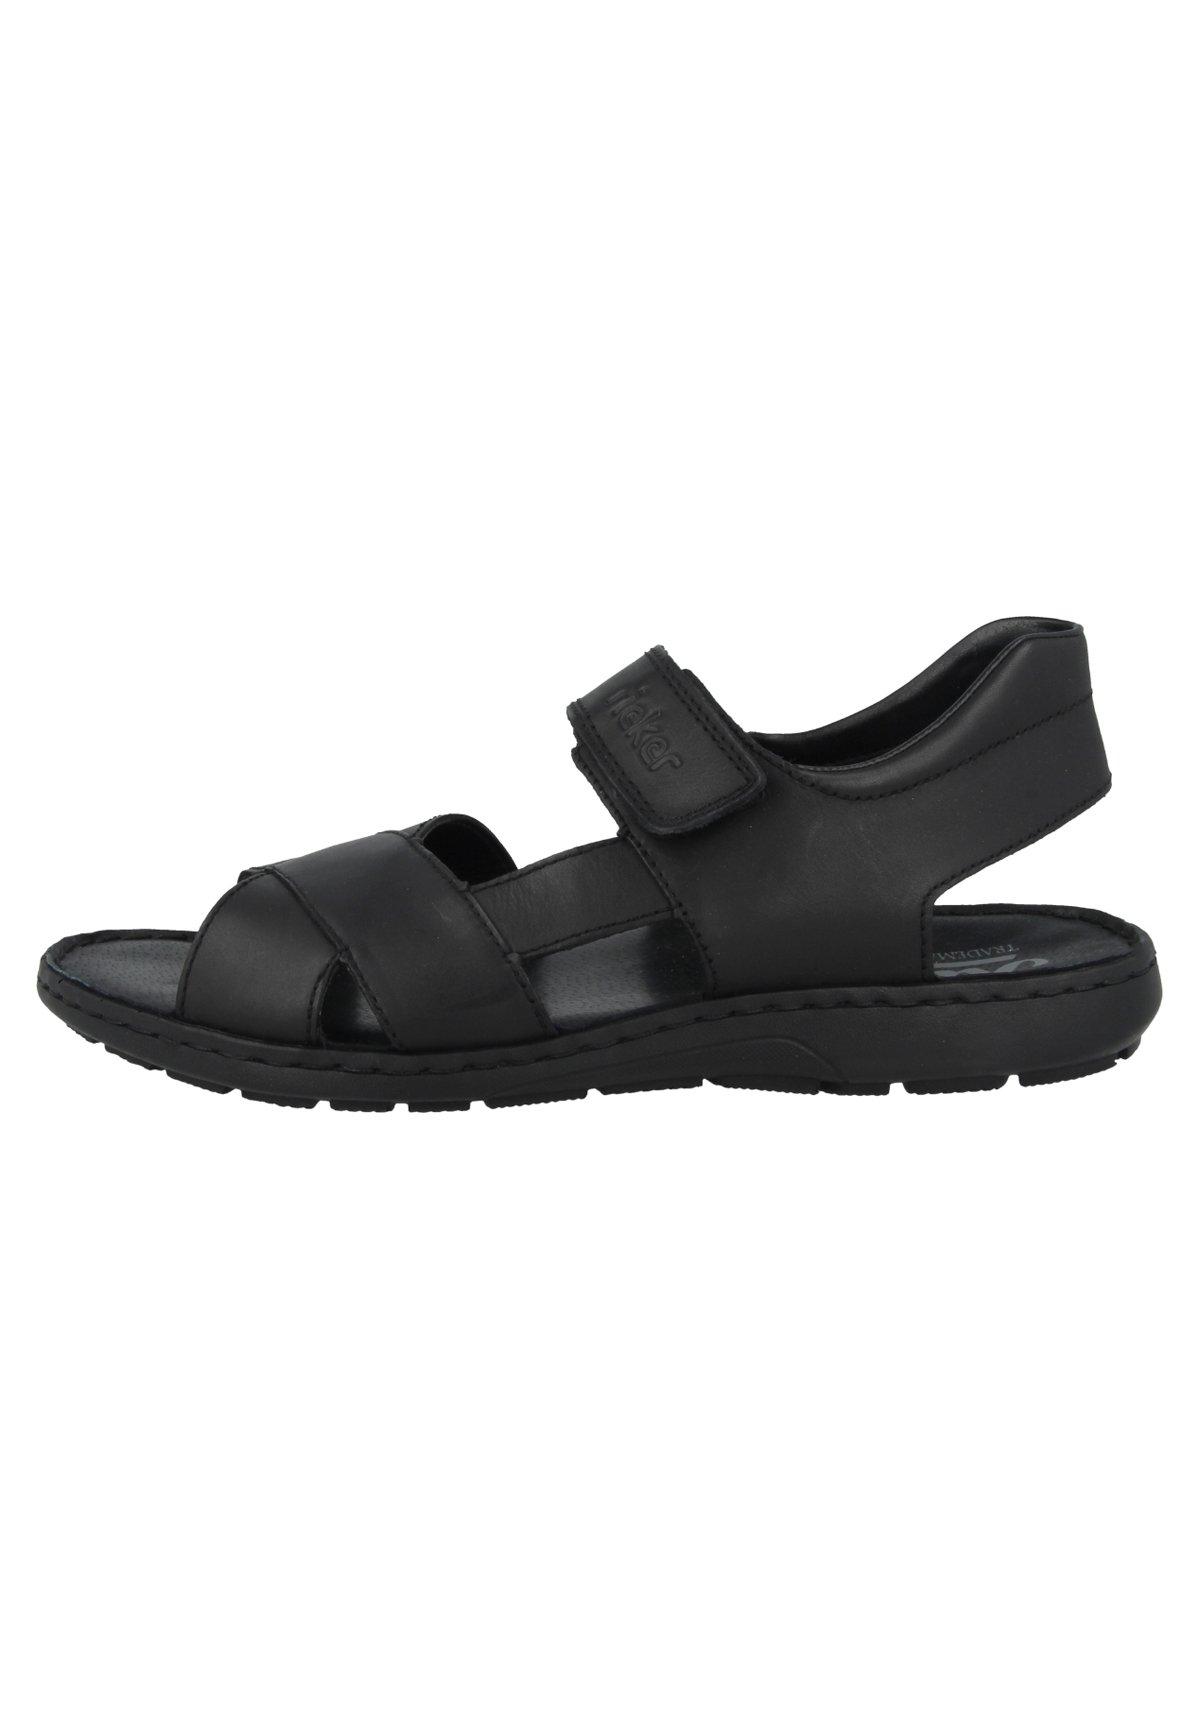 Homme 28963 - Sandales de randonnée - black